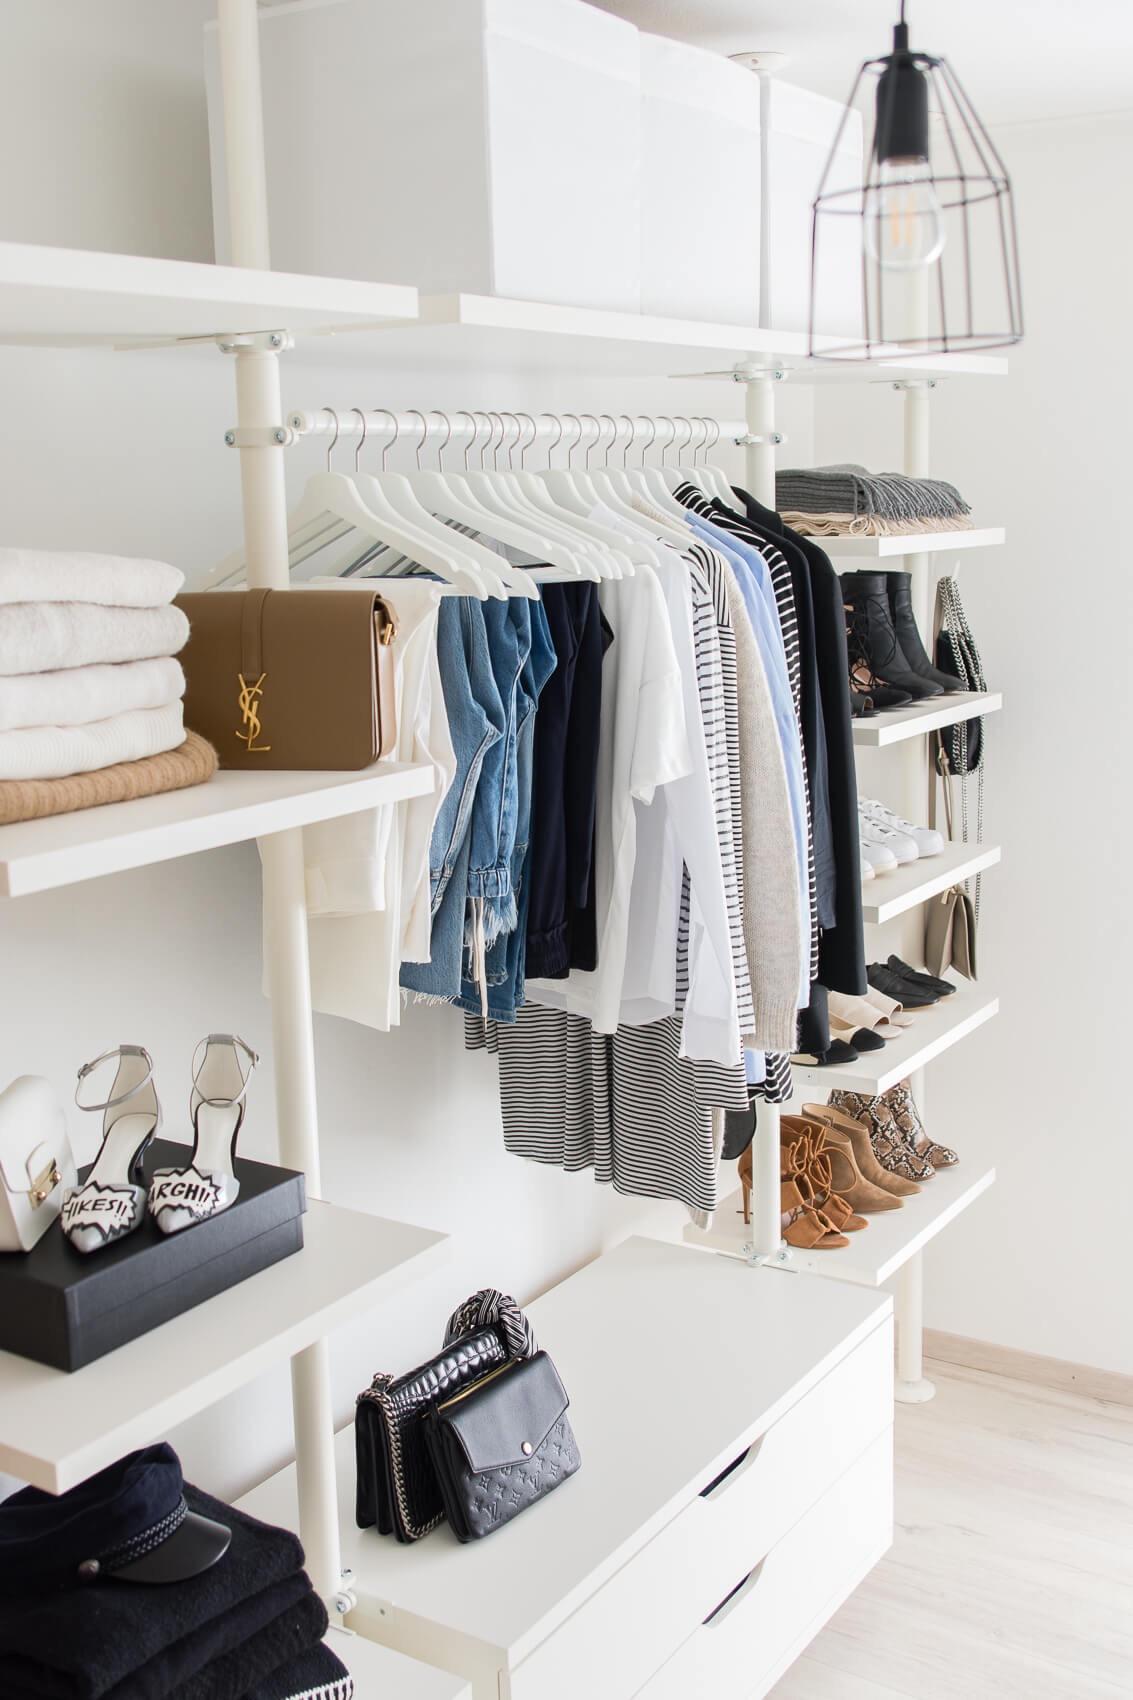 Những kiểu dáng tủ quần áo vừa thời trang vừa giúp đựng được vô số đồ đạc dành cho nhà nhỏ - Ảnh 1.